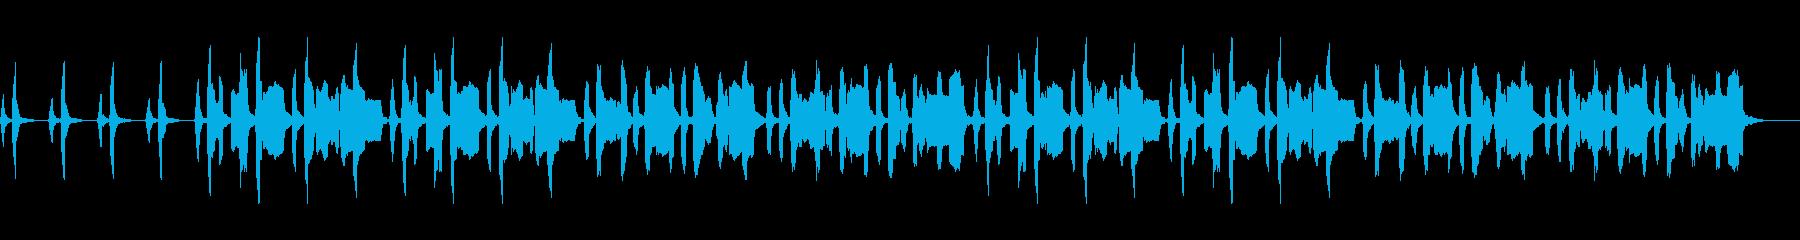 のんびりとした日常系BGMの再生済みの波形